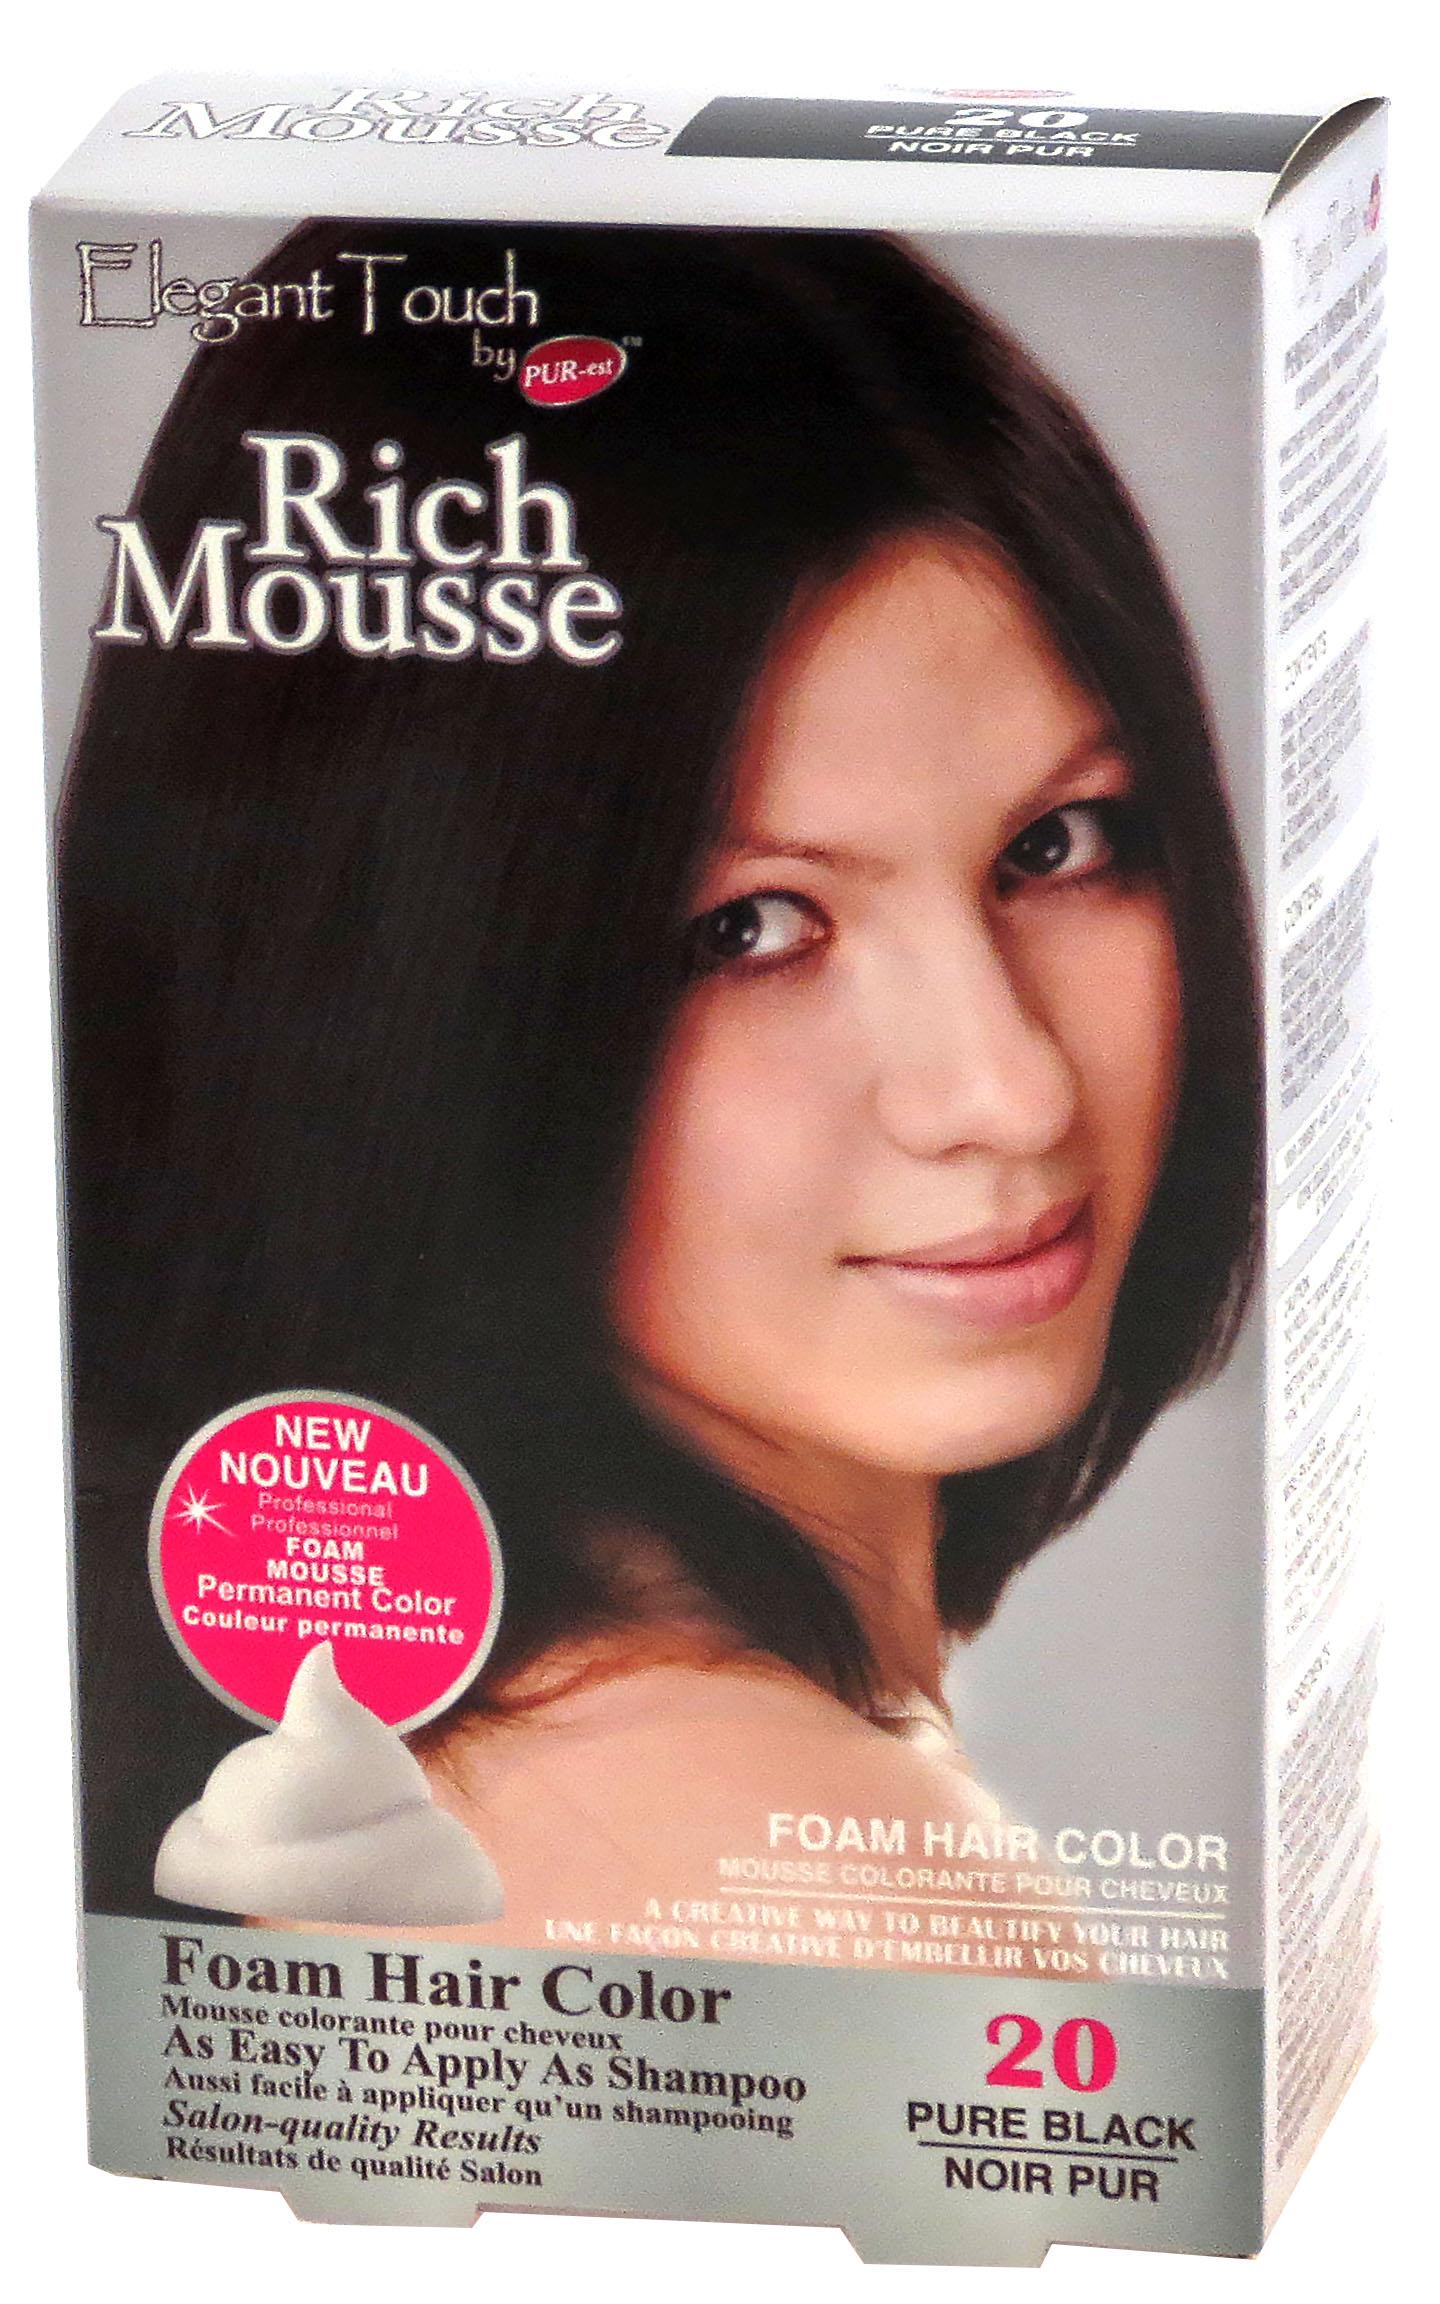 Foam Hair Color Rich Mousse Pure Black #20, Elegant Touch by PUR-est